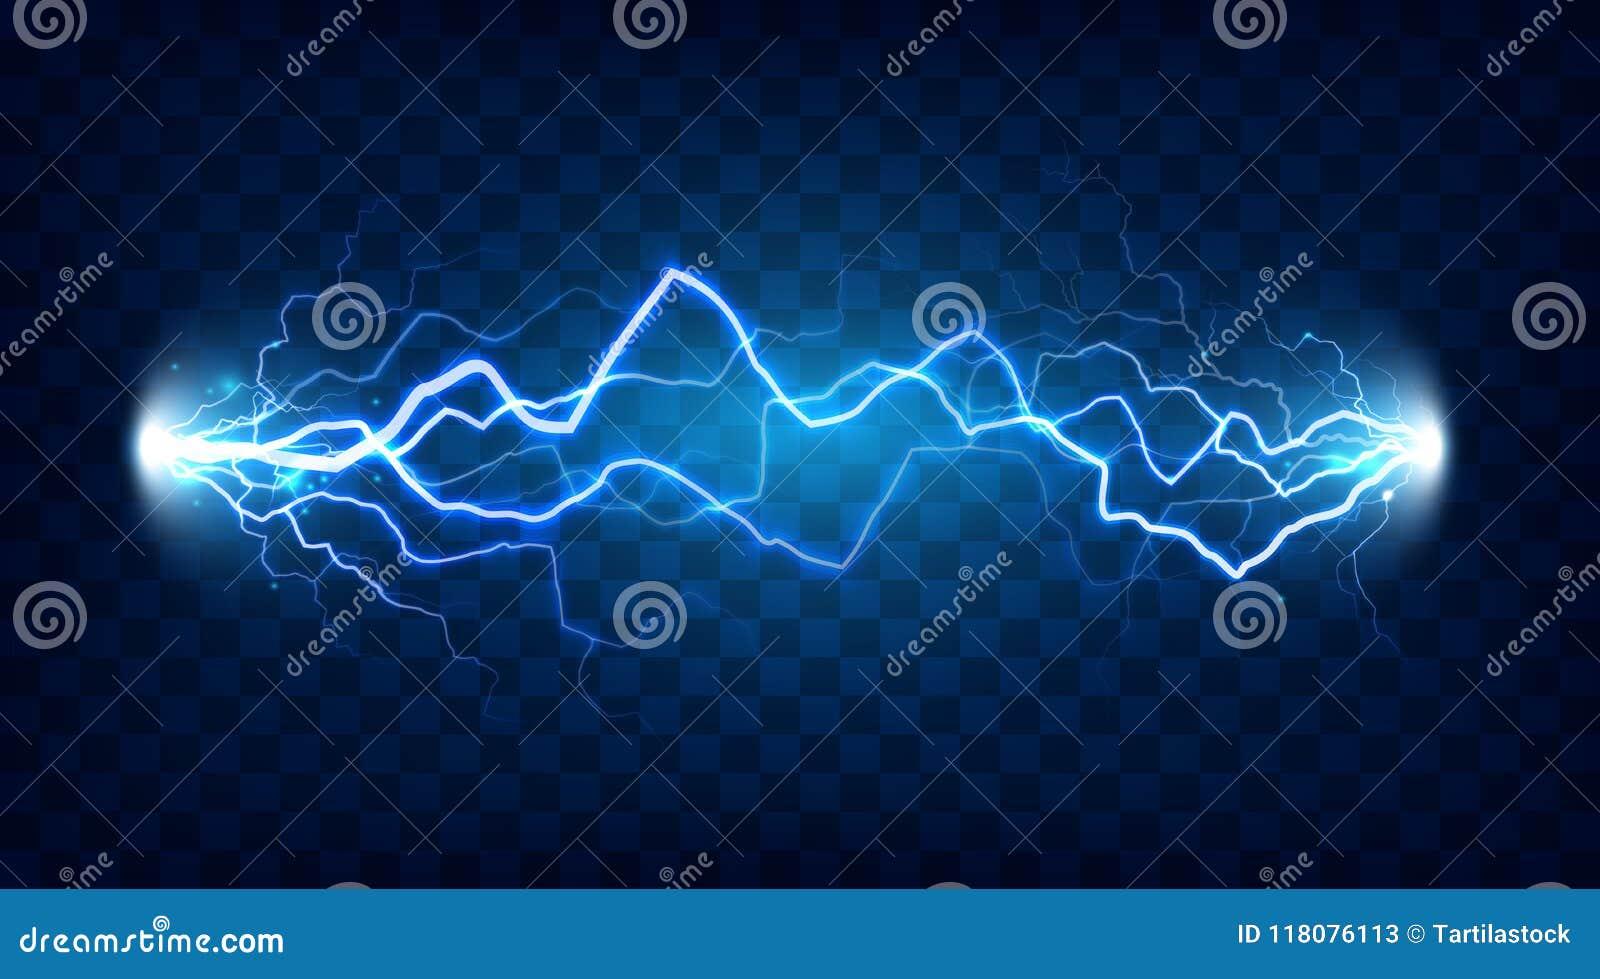 Efecto chocado de la descarga eléctrica para el diseño Accione el relámpago de la energía eléctrica o el vector aislado los efect